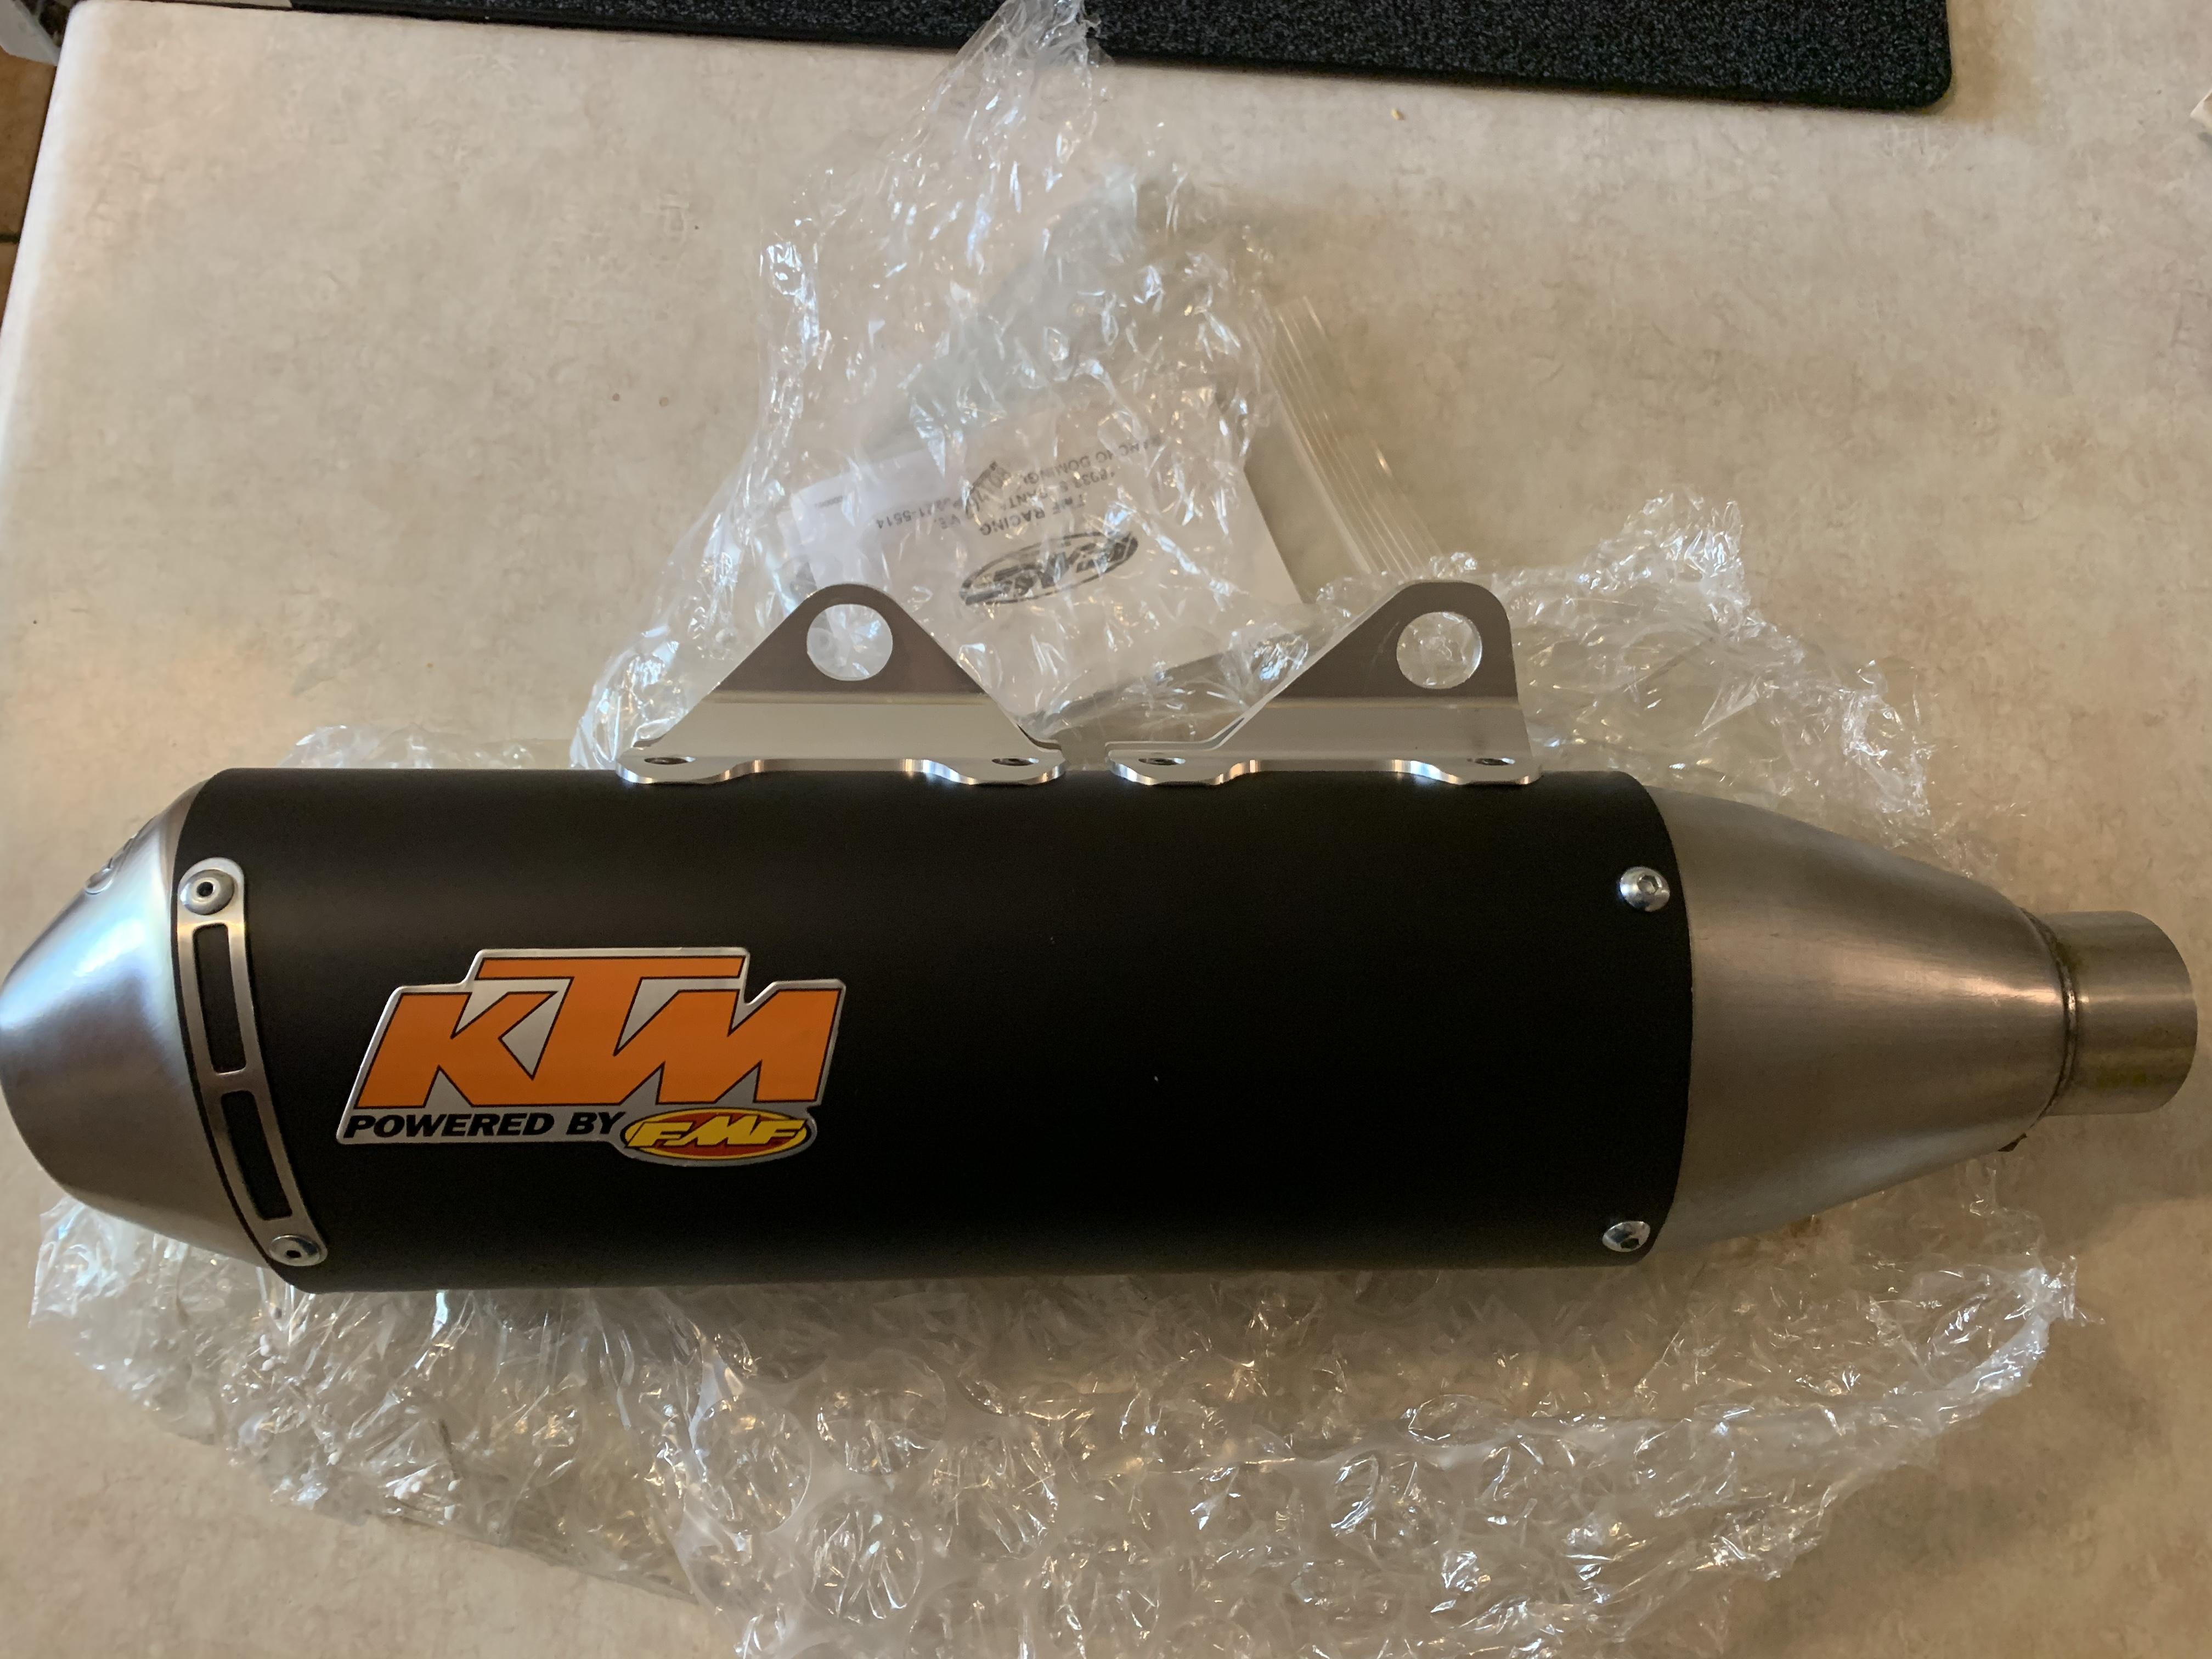 KTM Factory Powerparts FMF Silencer 83505183000 NOS-04650c73-65e3-4a47-b55c-41cc5d8c6d68_1583600051533.jpeg